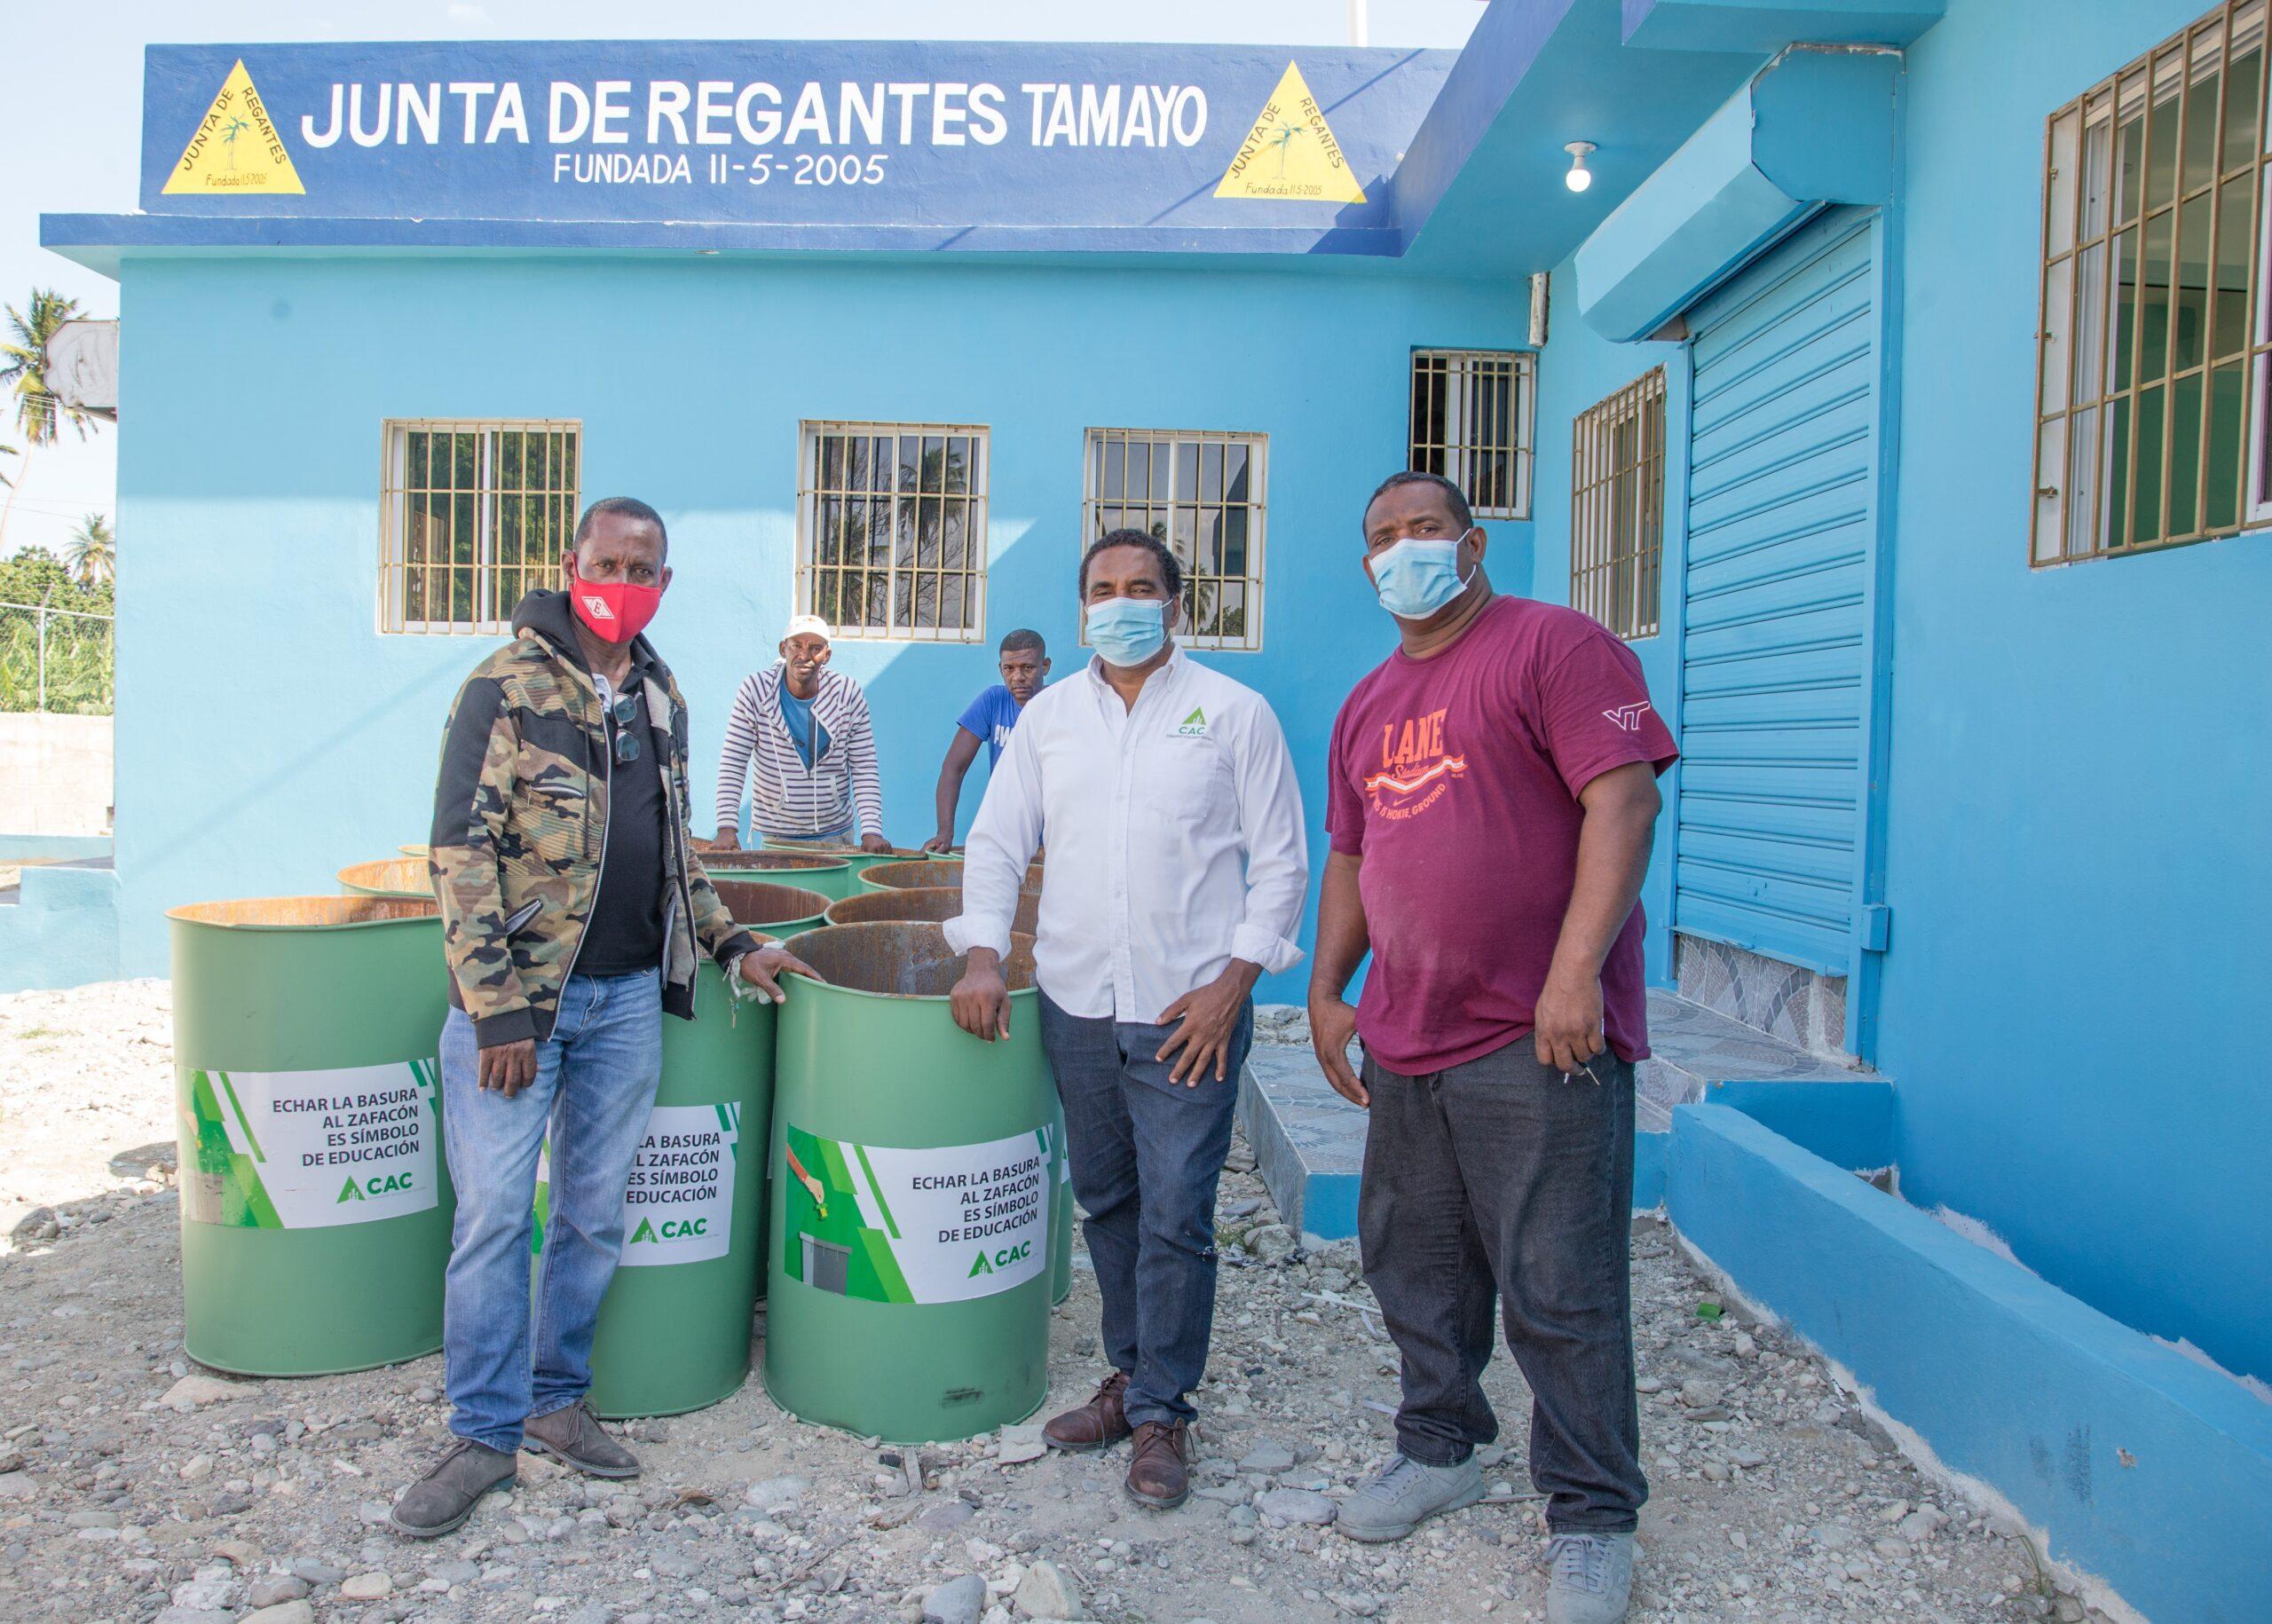 , CAC aporta tanques de basura a la Junta de Regantes de Tamayo